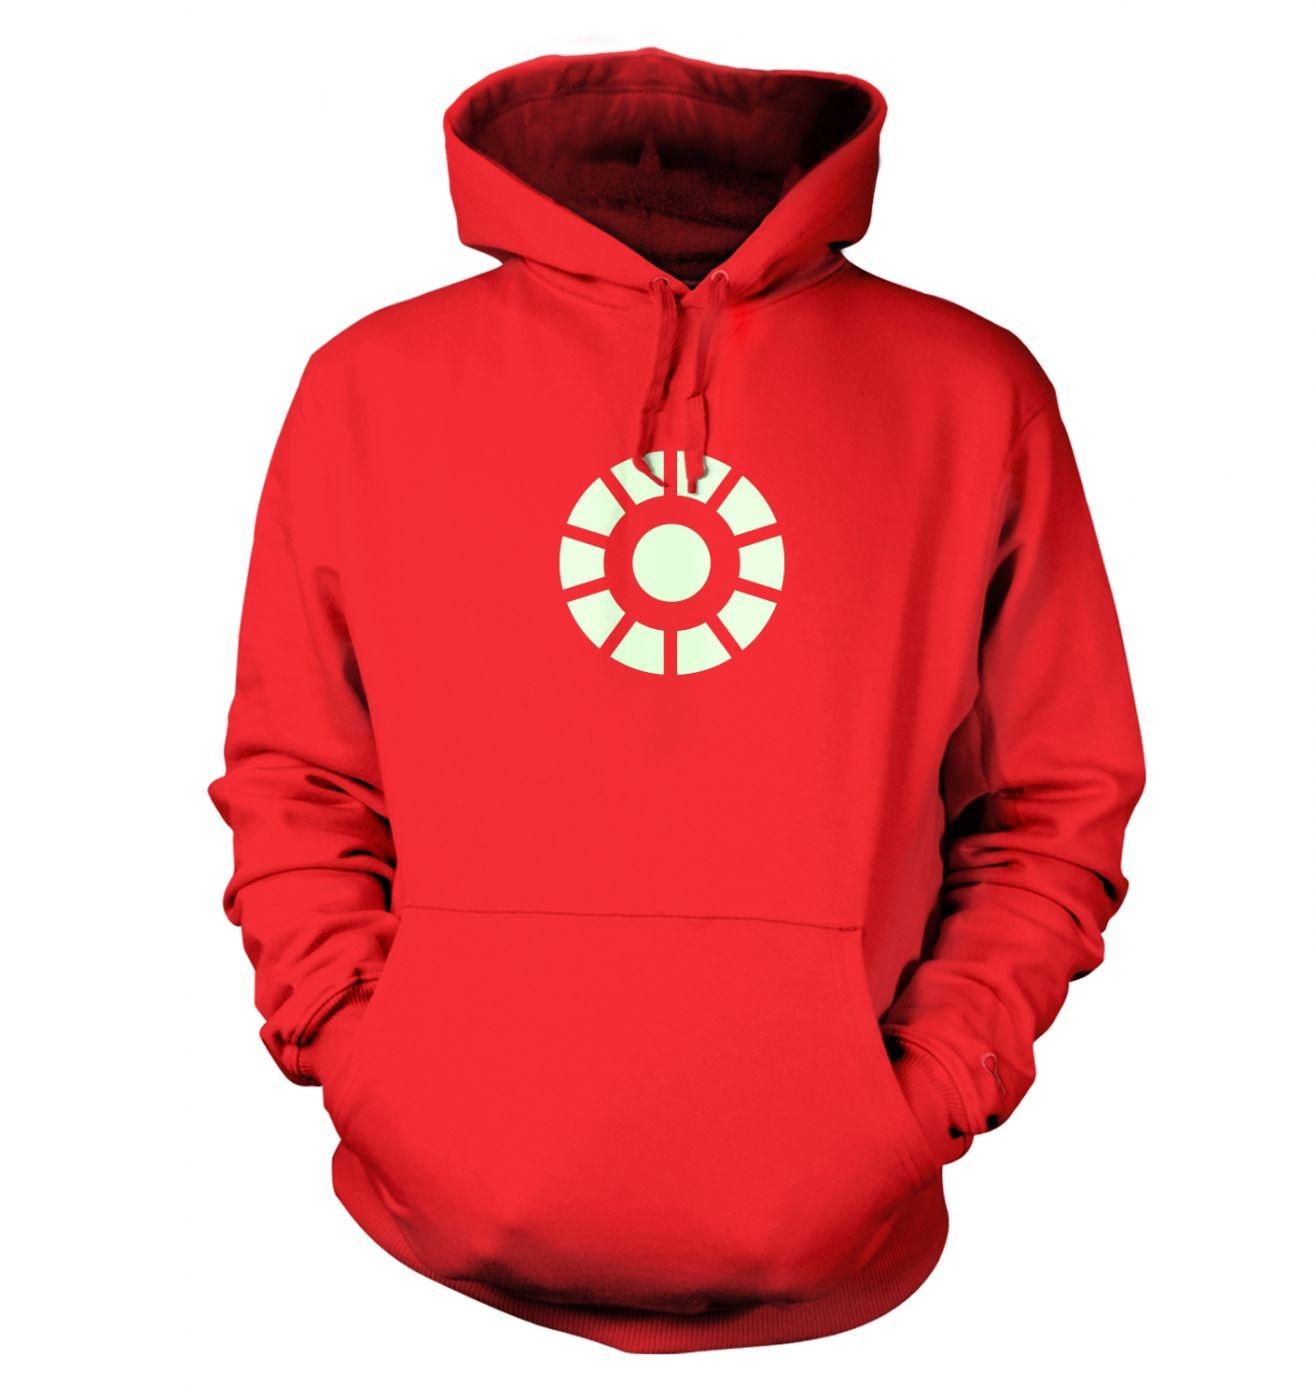 Arc Reactor (glow in the dark) hoodie